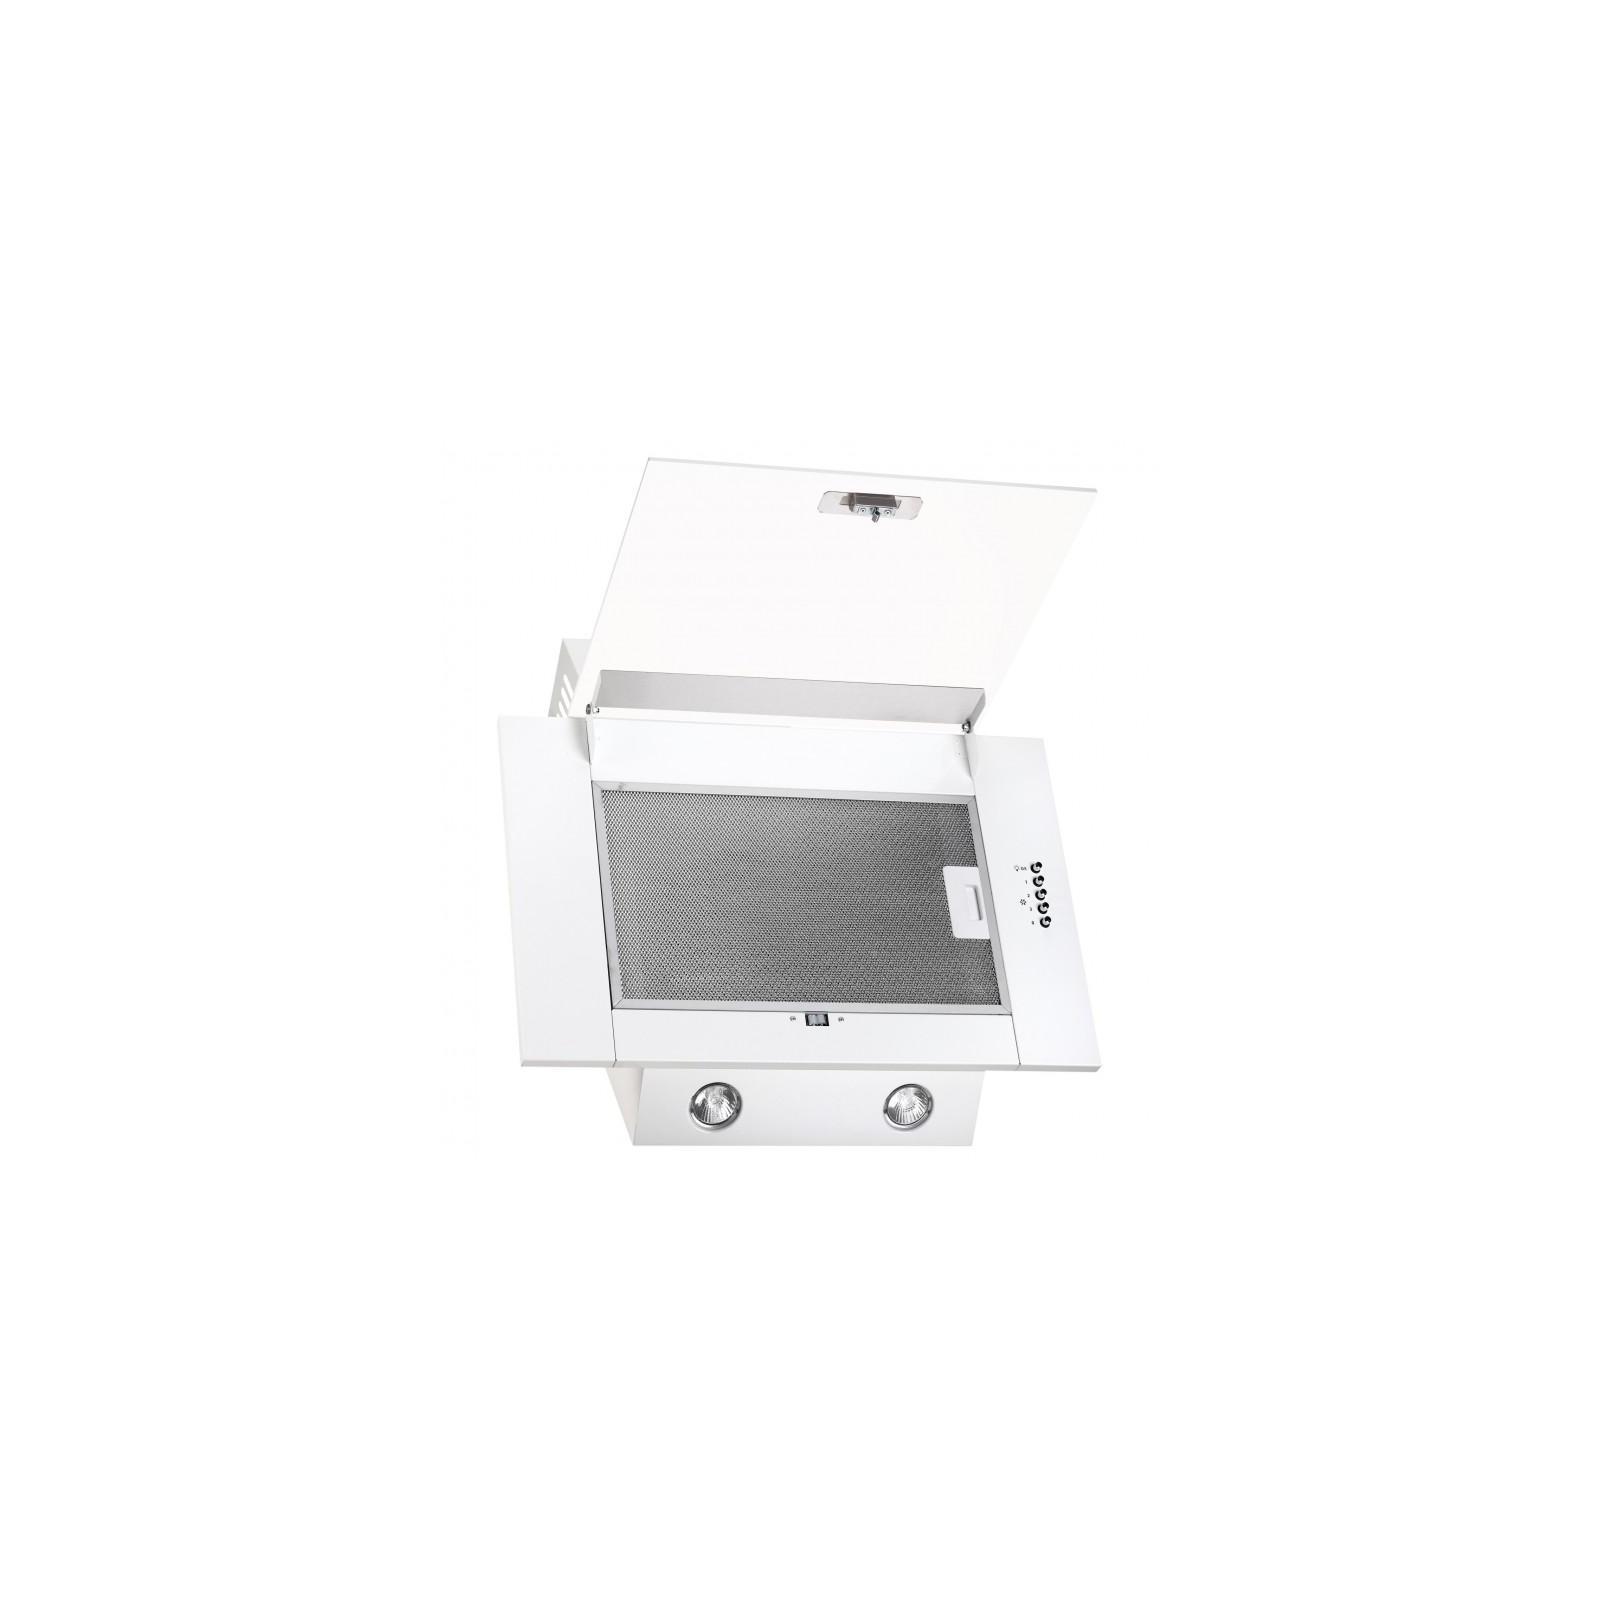 Вытяжка кухонная Eleyus Soul 700 60 IS+BL изображение 5